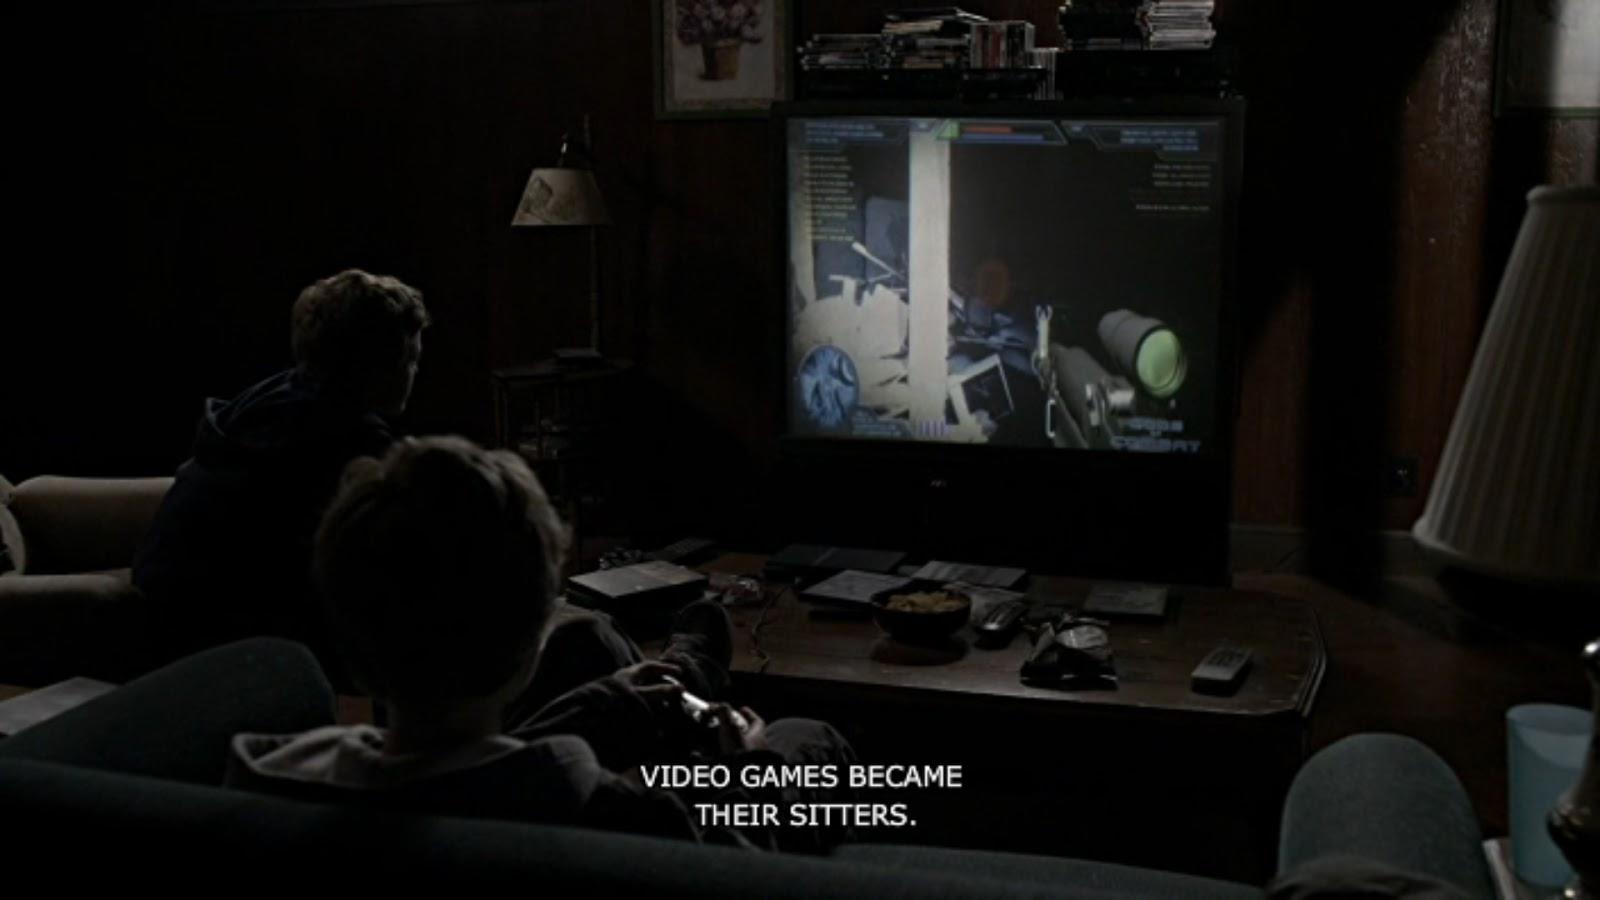 criminal minds video games